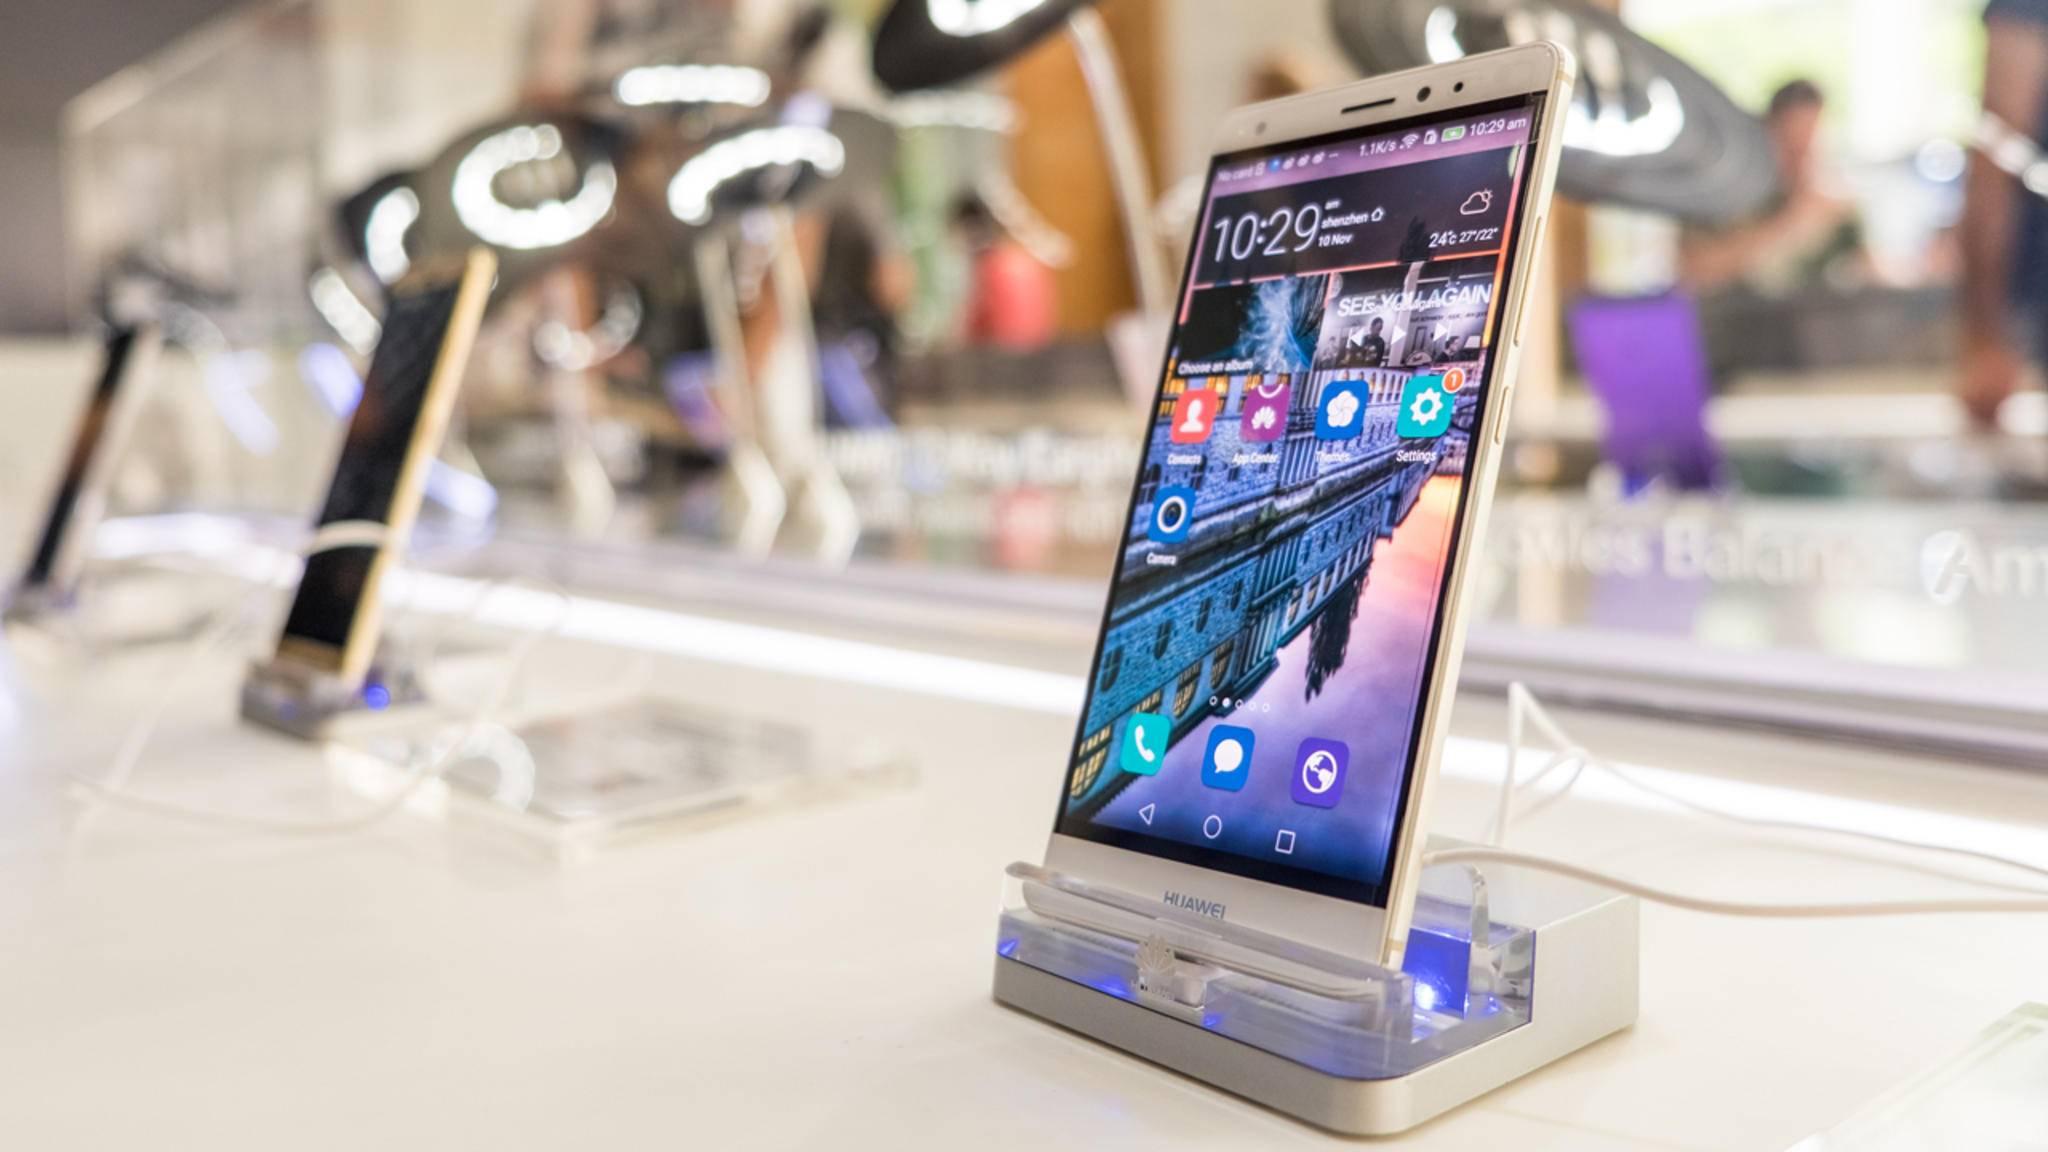 Das Huawei Mate S sowie das P8 werden nicht mehr mit dem Update auf Android Nougat bedacht.